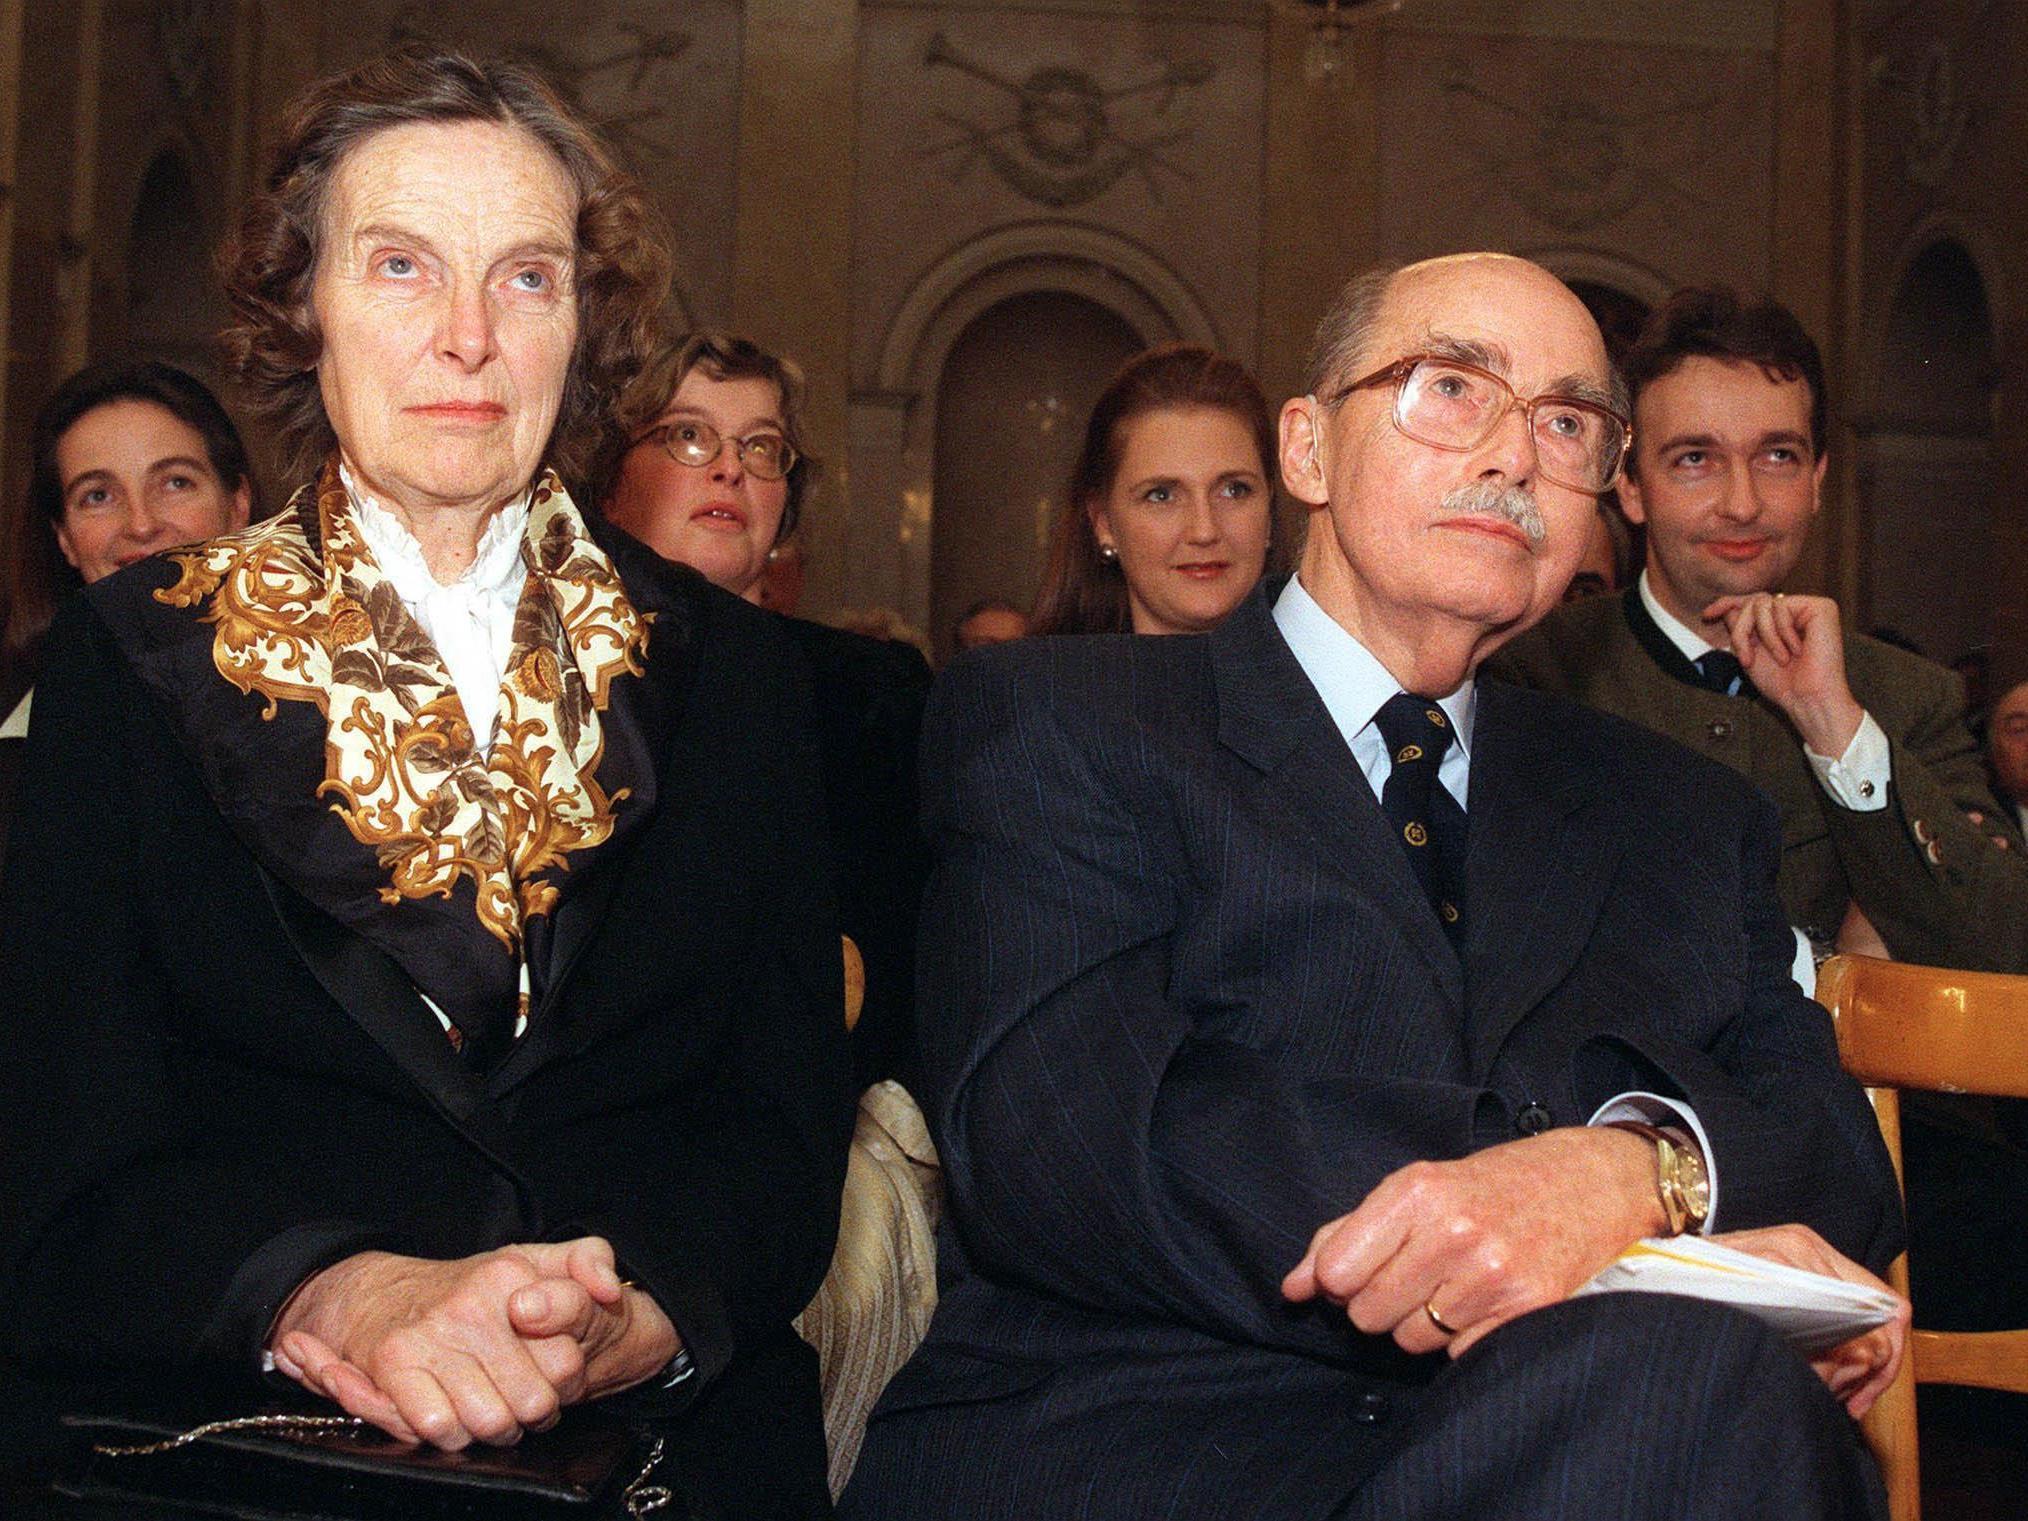 Eugena und Otto Habsburg 1997 zum 85. Geburtstag von Otto Habsburg in Wien